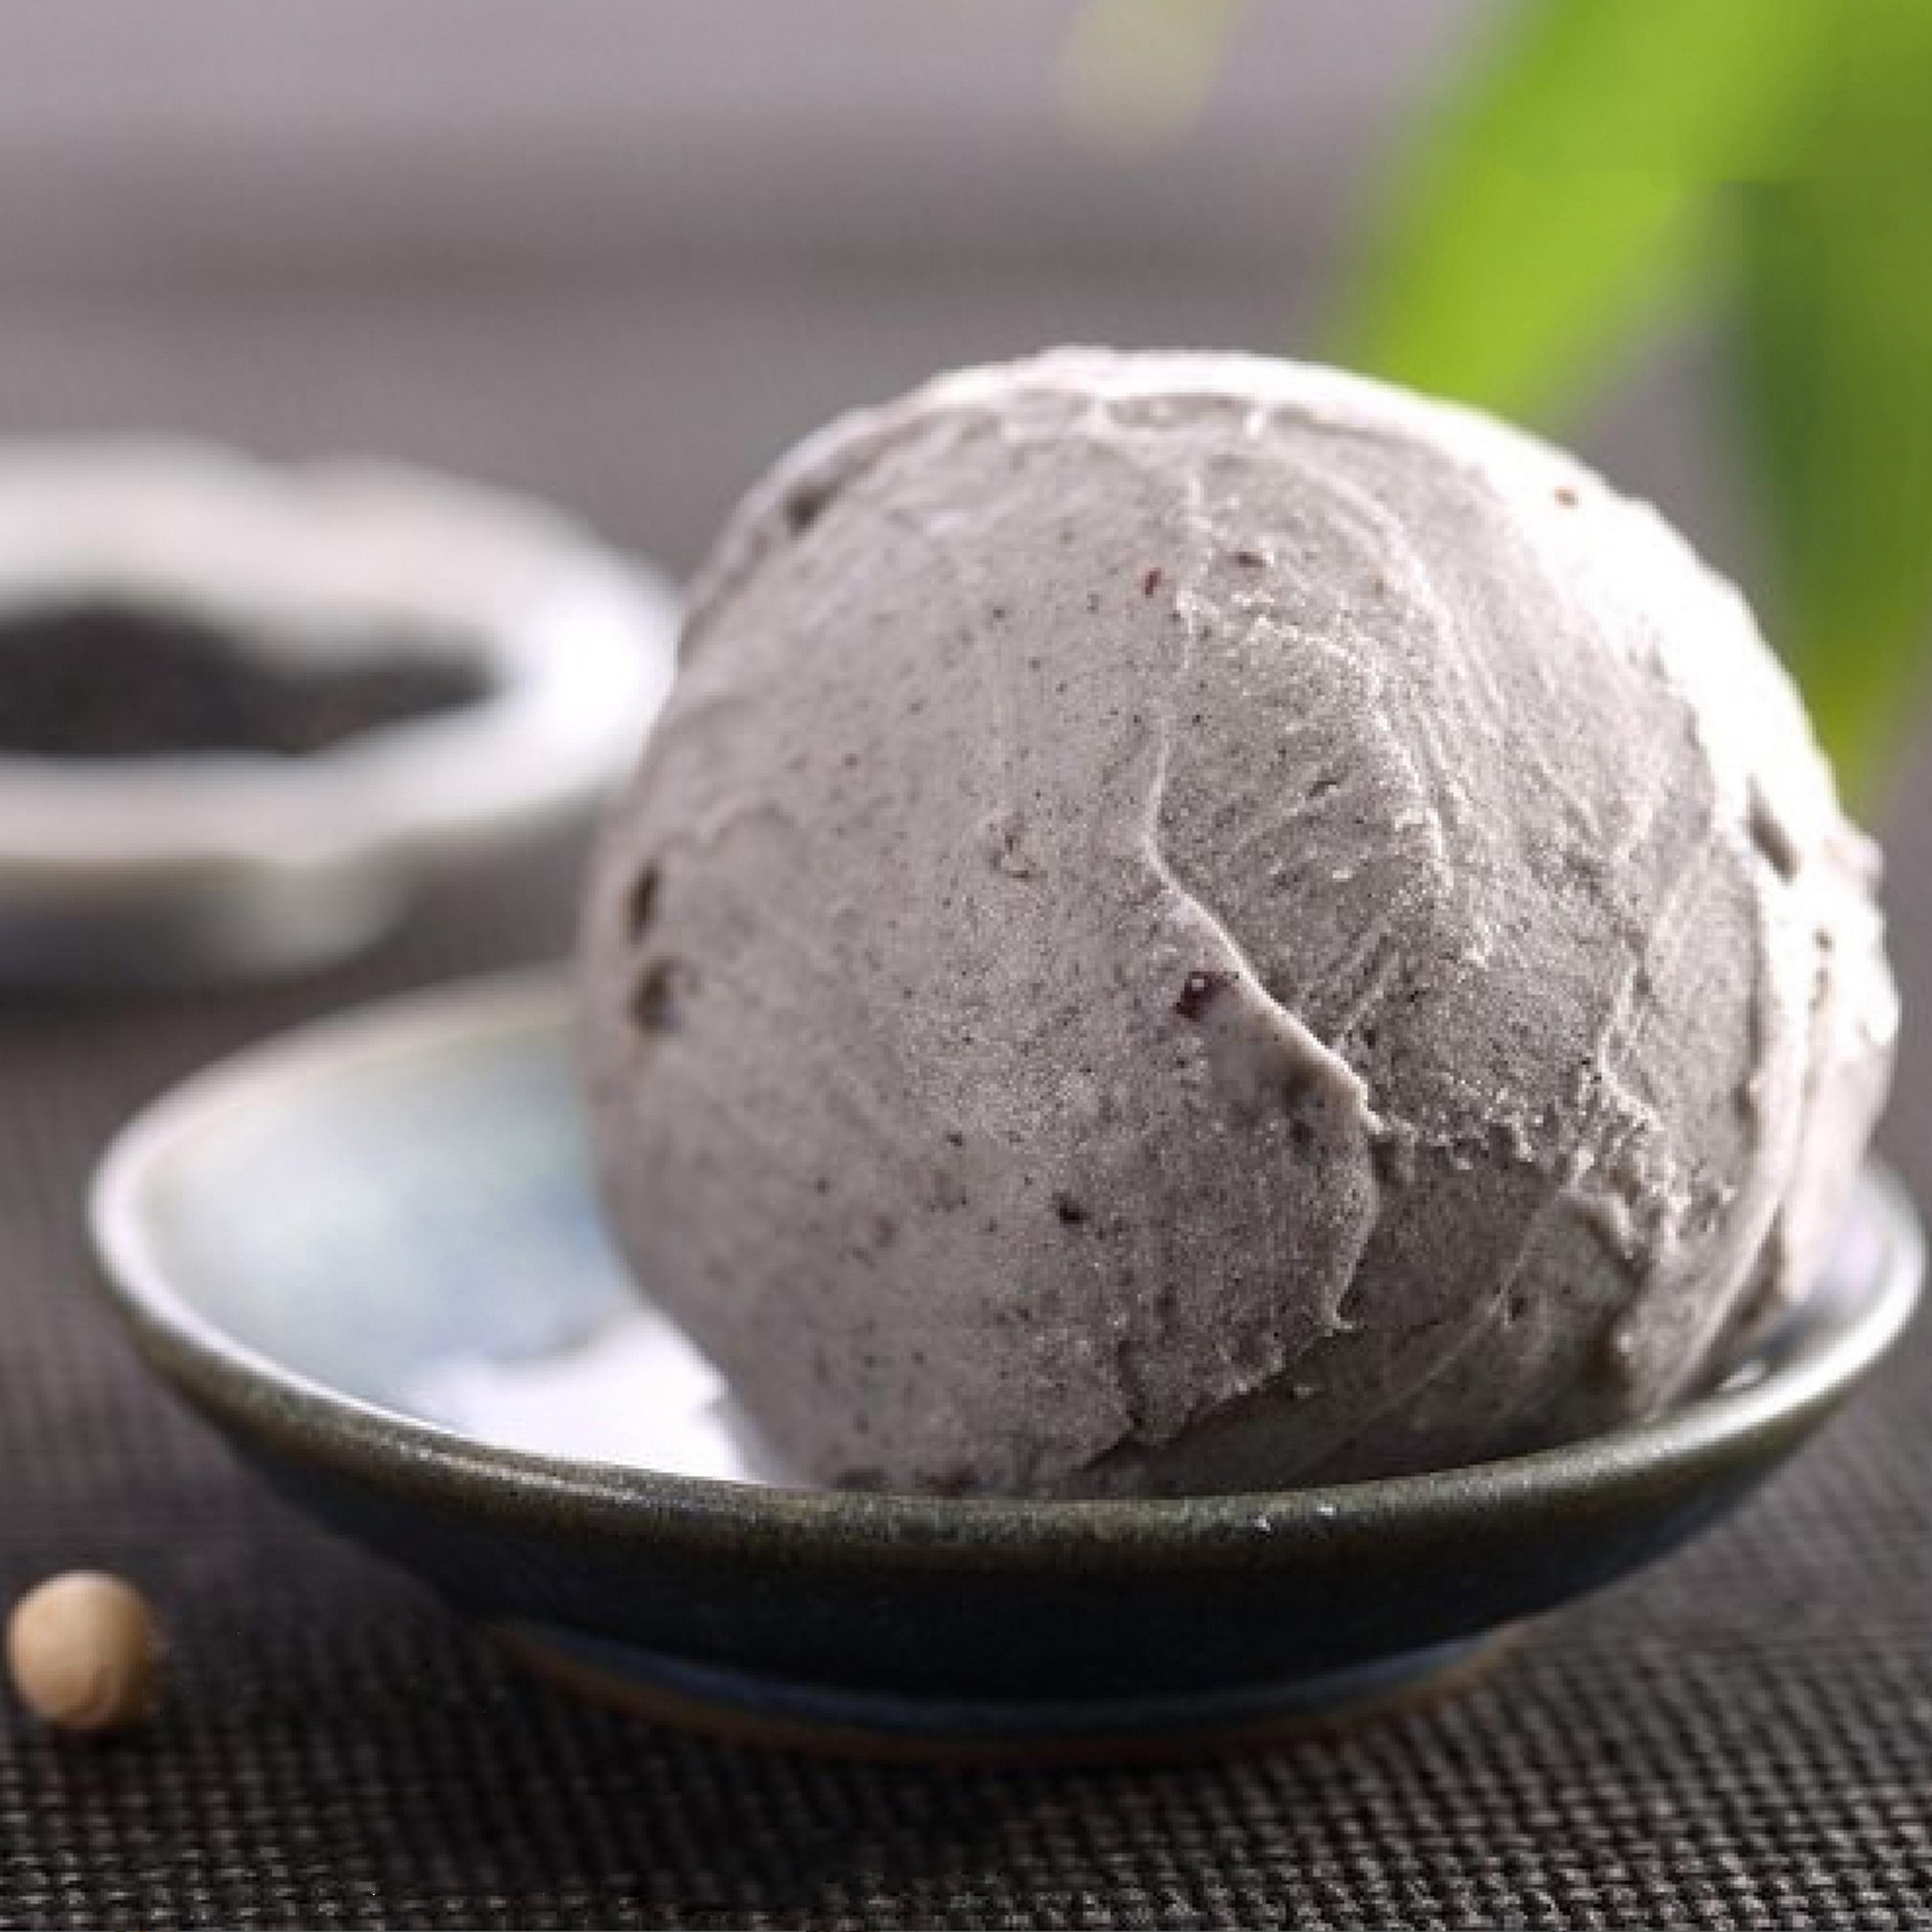 冰激凌系列  黑芝麻冰激凌